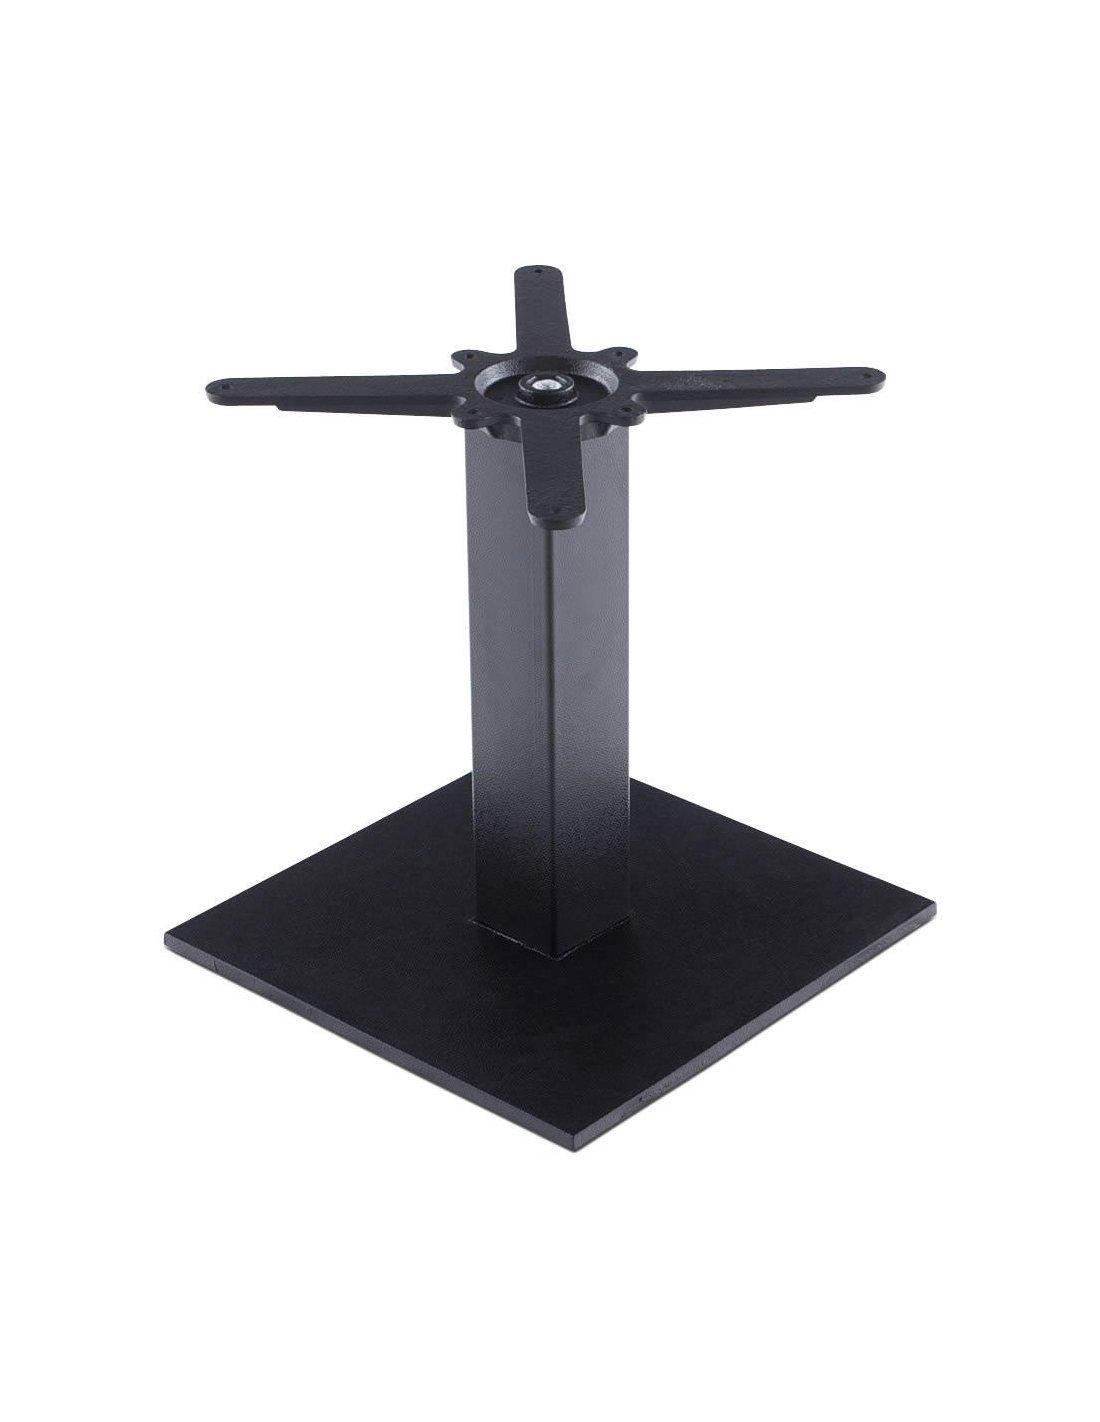 Pied De Table Exterieur.Pied De Table 45 Cm Kokoon Design Noir